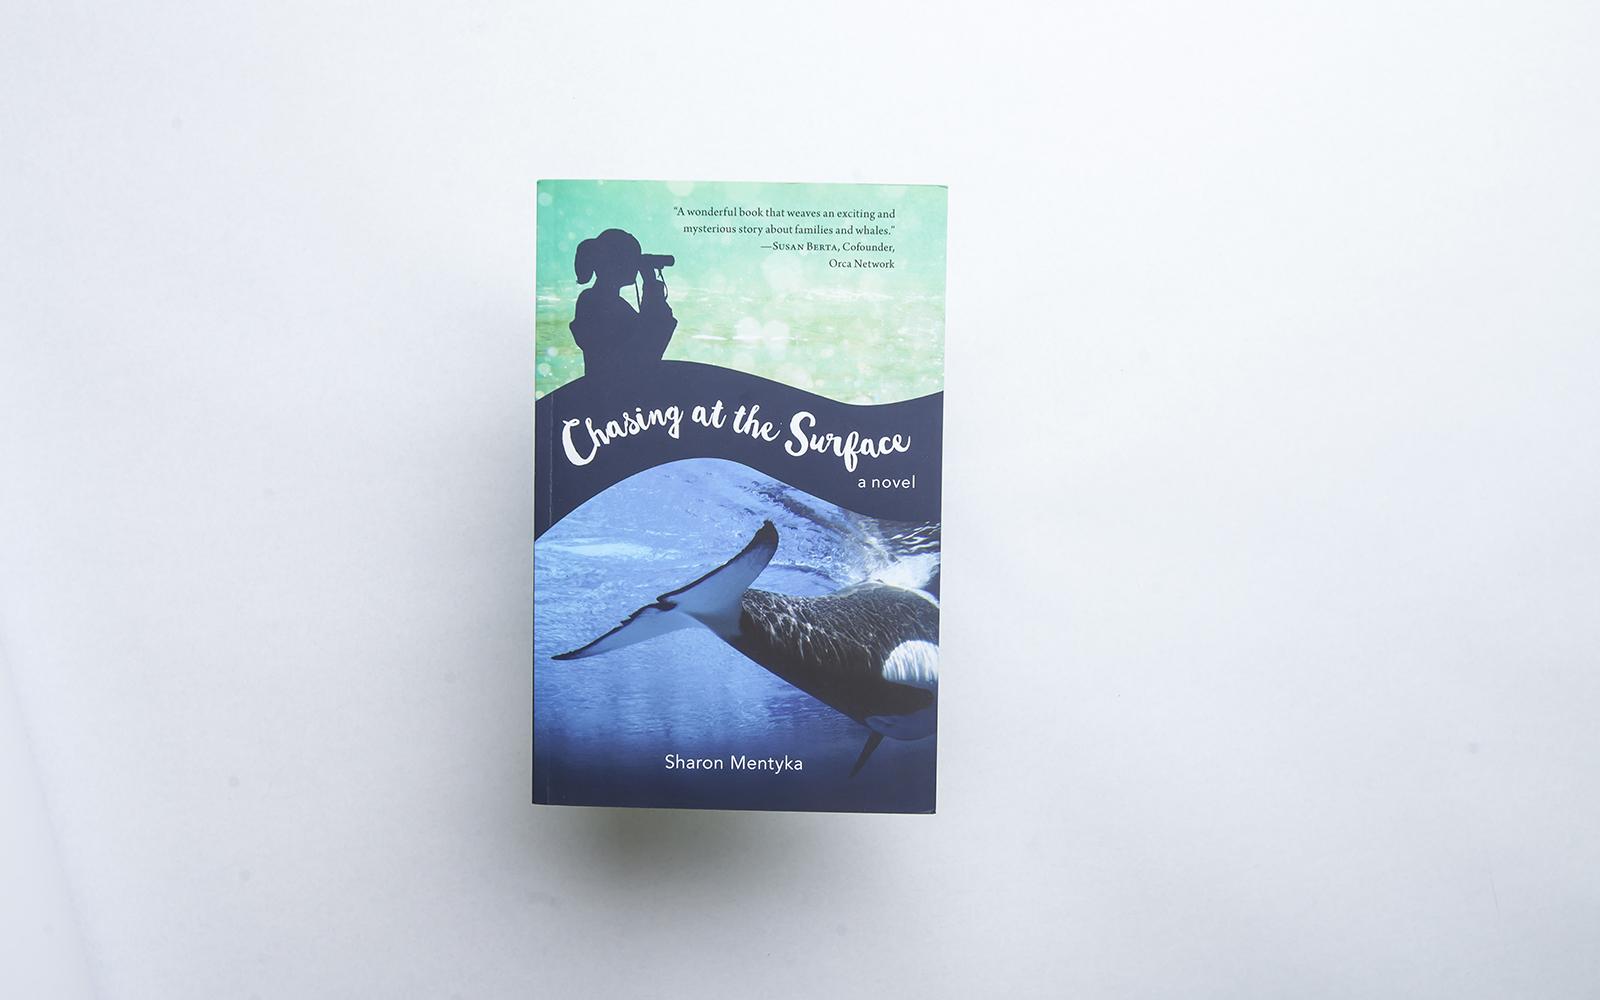 SONWA book Chasing